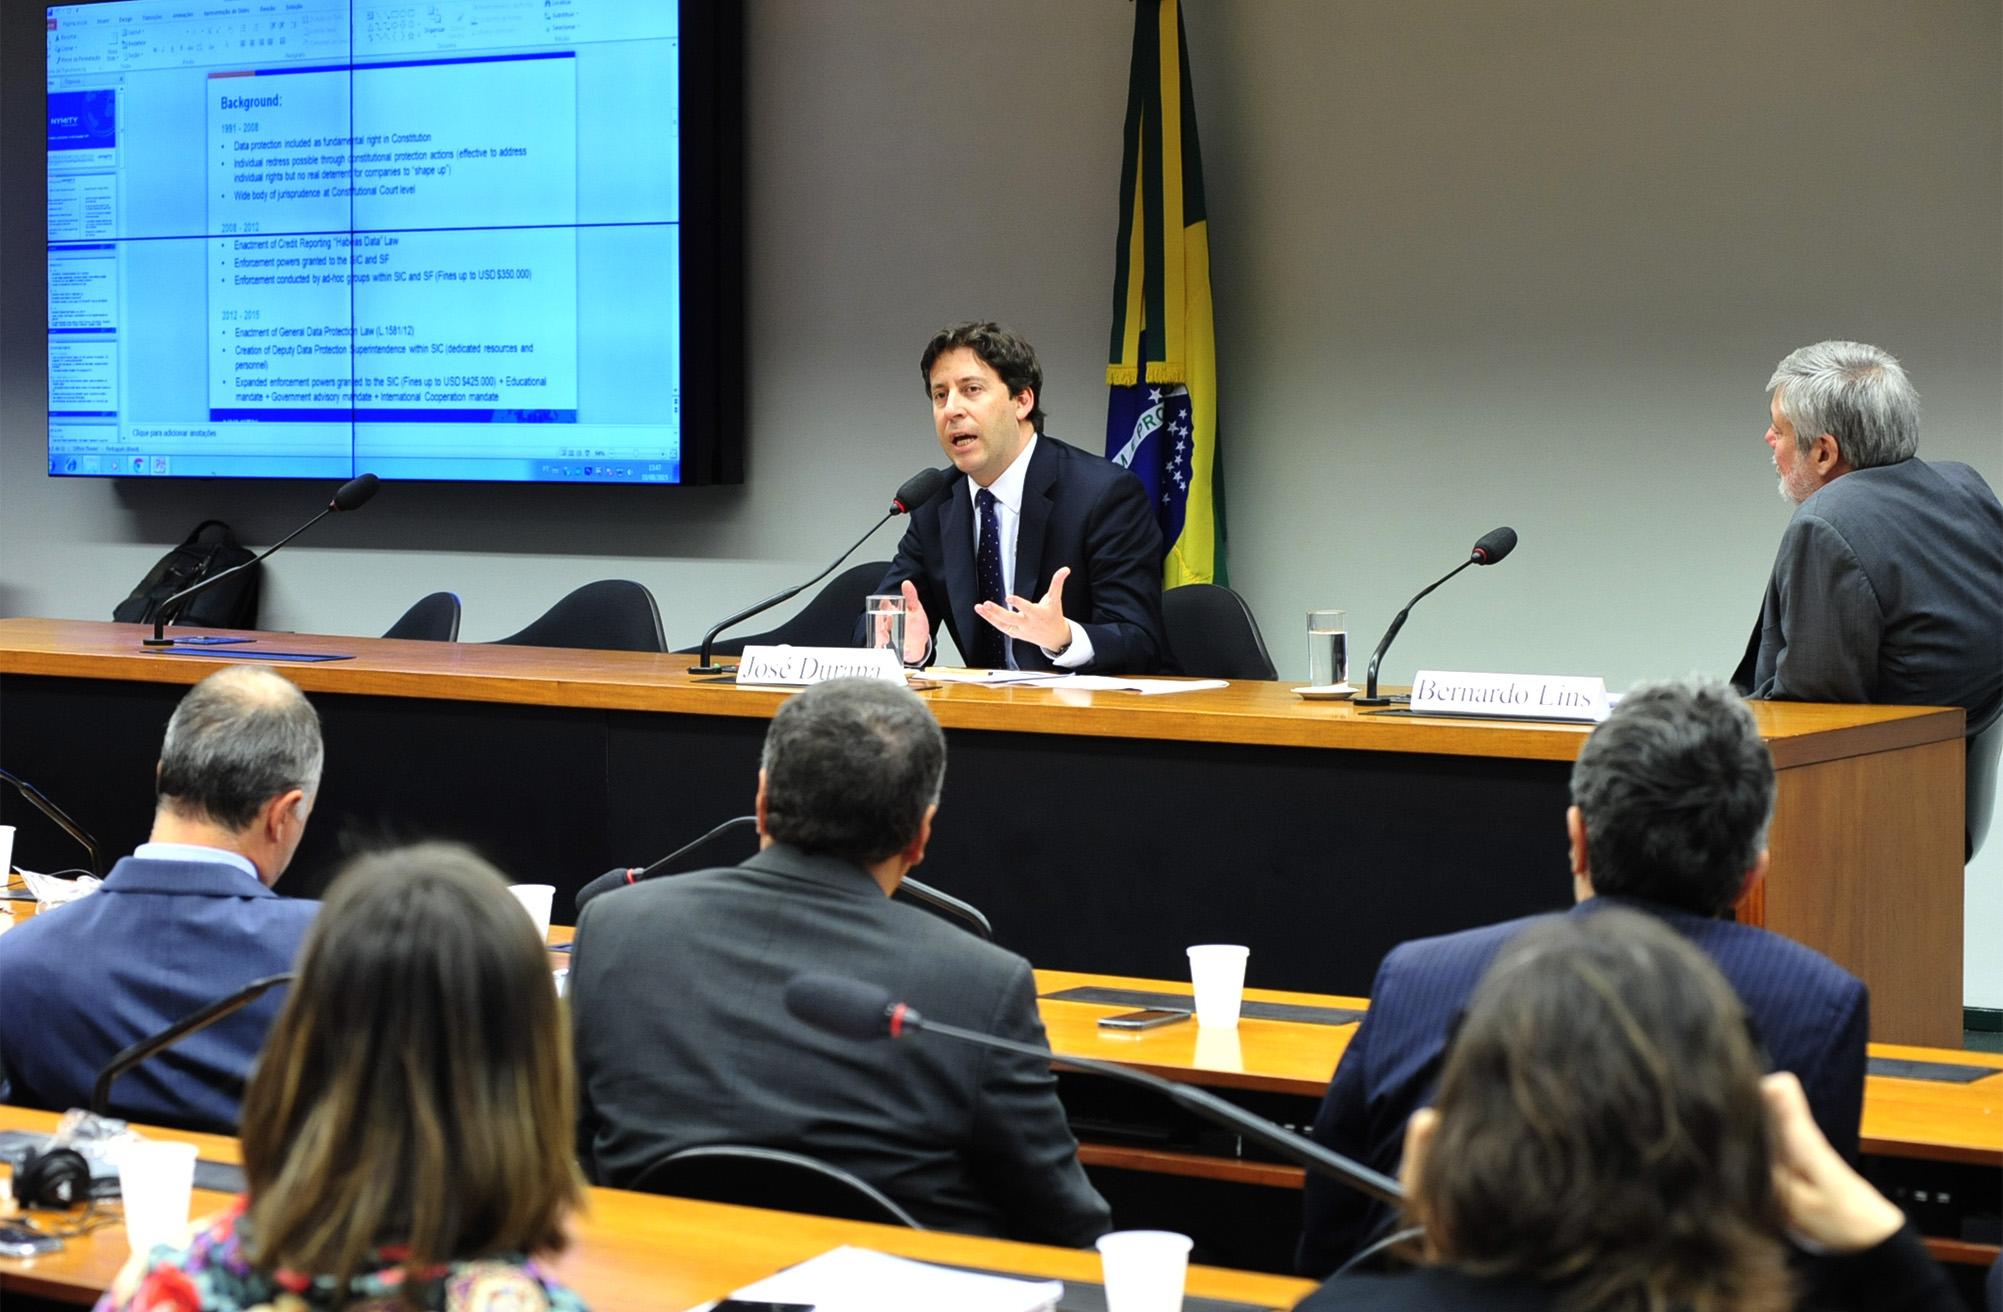 Seminário Proteção de dados pessoais: a experiência internacional e o caso brasileiro. José Durana